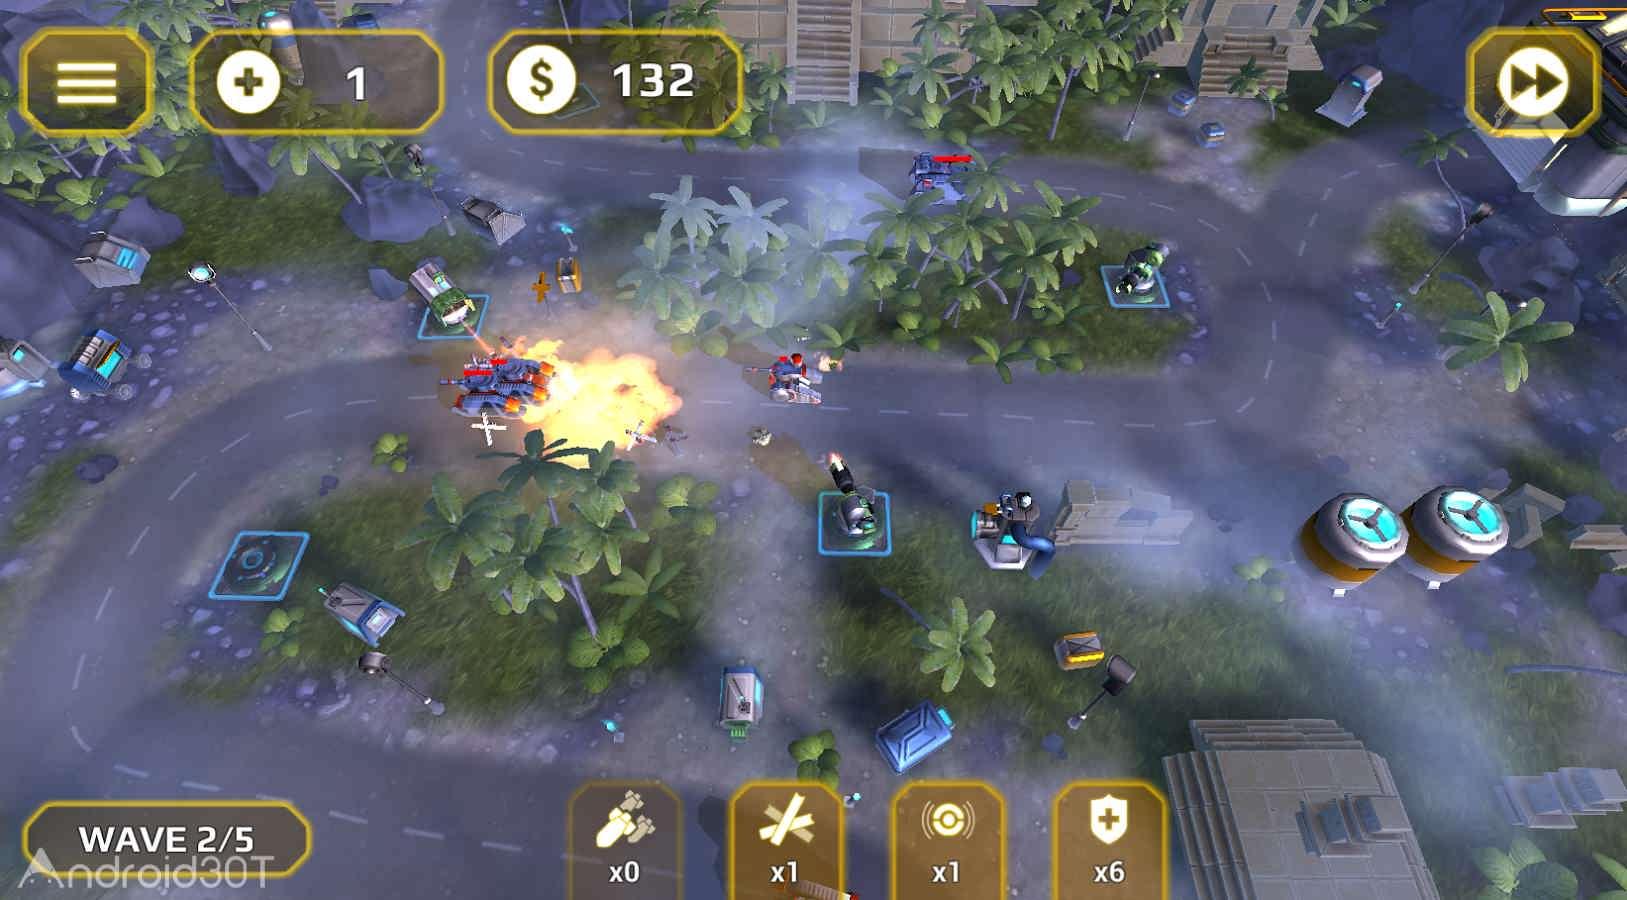 دانلود Generals TD HD 1.2.1 – بازی استراتژیکی ژنرال های برج دفاعی اندروید